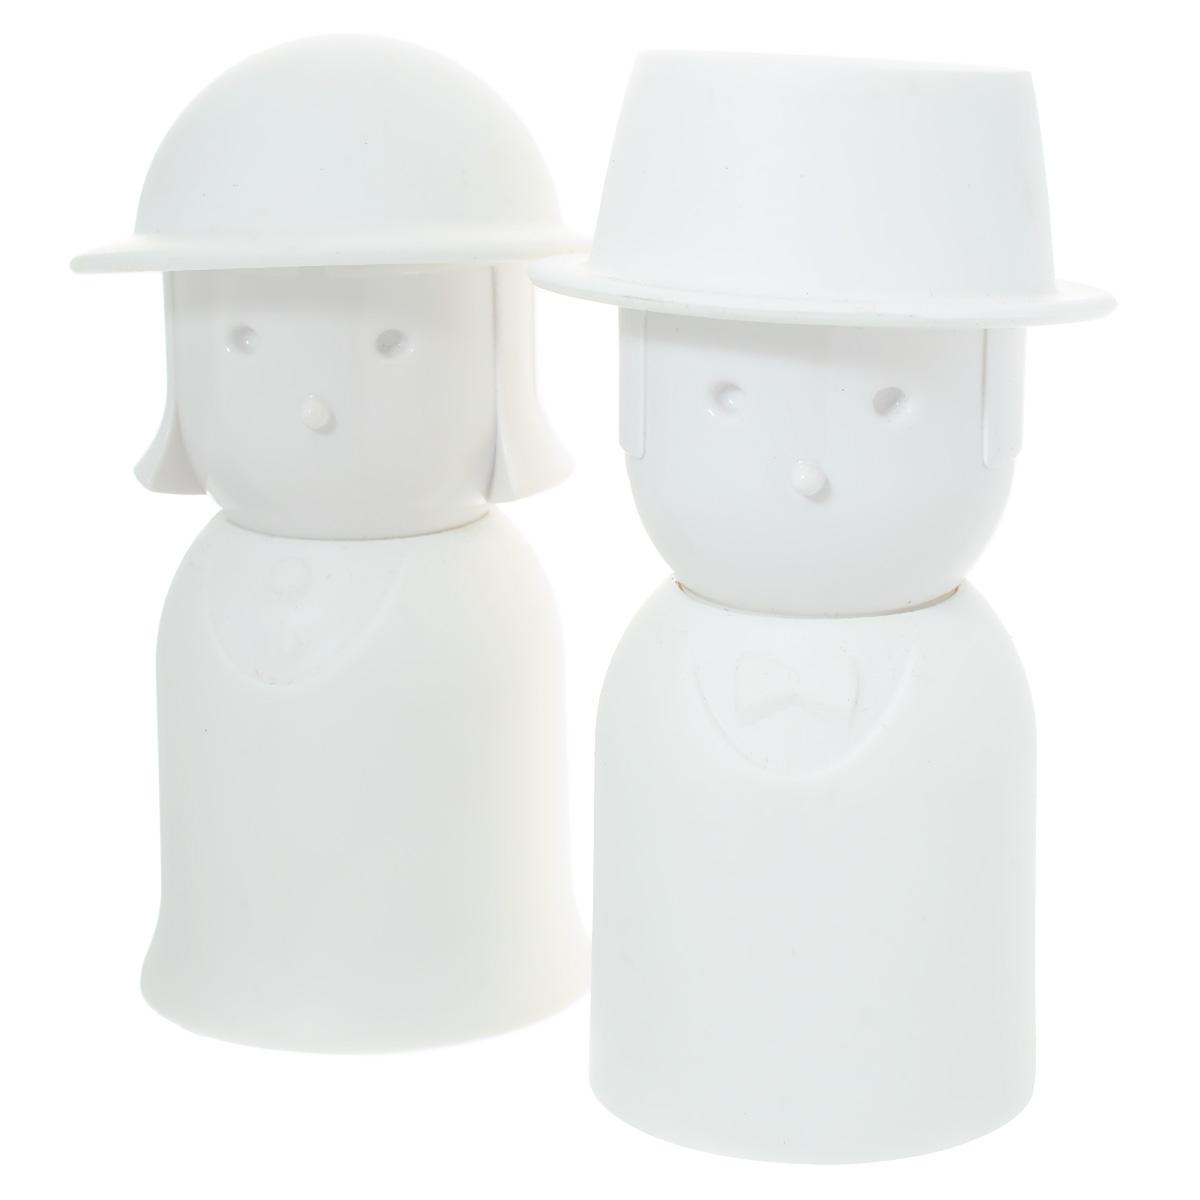 Набор для специй Qualy Mr. Pepper & Mrs. Salt, цвет: белый, 2 предметаQL10054-WHНабор Qualy Mr. Pepper & Mrs. Salt, состоящий из солонки и перечницы, изготовлен из пластика с прорезиненным покрытием. Емкости выполнены в виде человечков и оснащены крышками. Солонка и перечница легки в использовании: стоит только перевернуть емкости, и вы с легкостью сможете поперчить или добавить соль по вкусу в любое блюдо. Дизайн, эстетичность и функциональность набора позволят ему стать достойным дополнением к кухонному инвентарю. Размер емкости: 4 см х 4,5 см х 9 см.